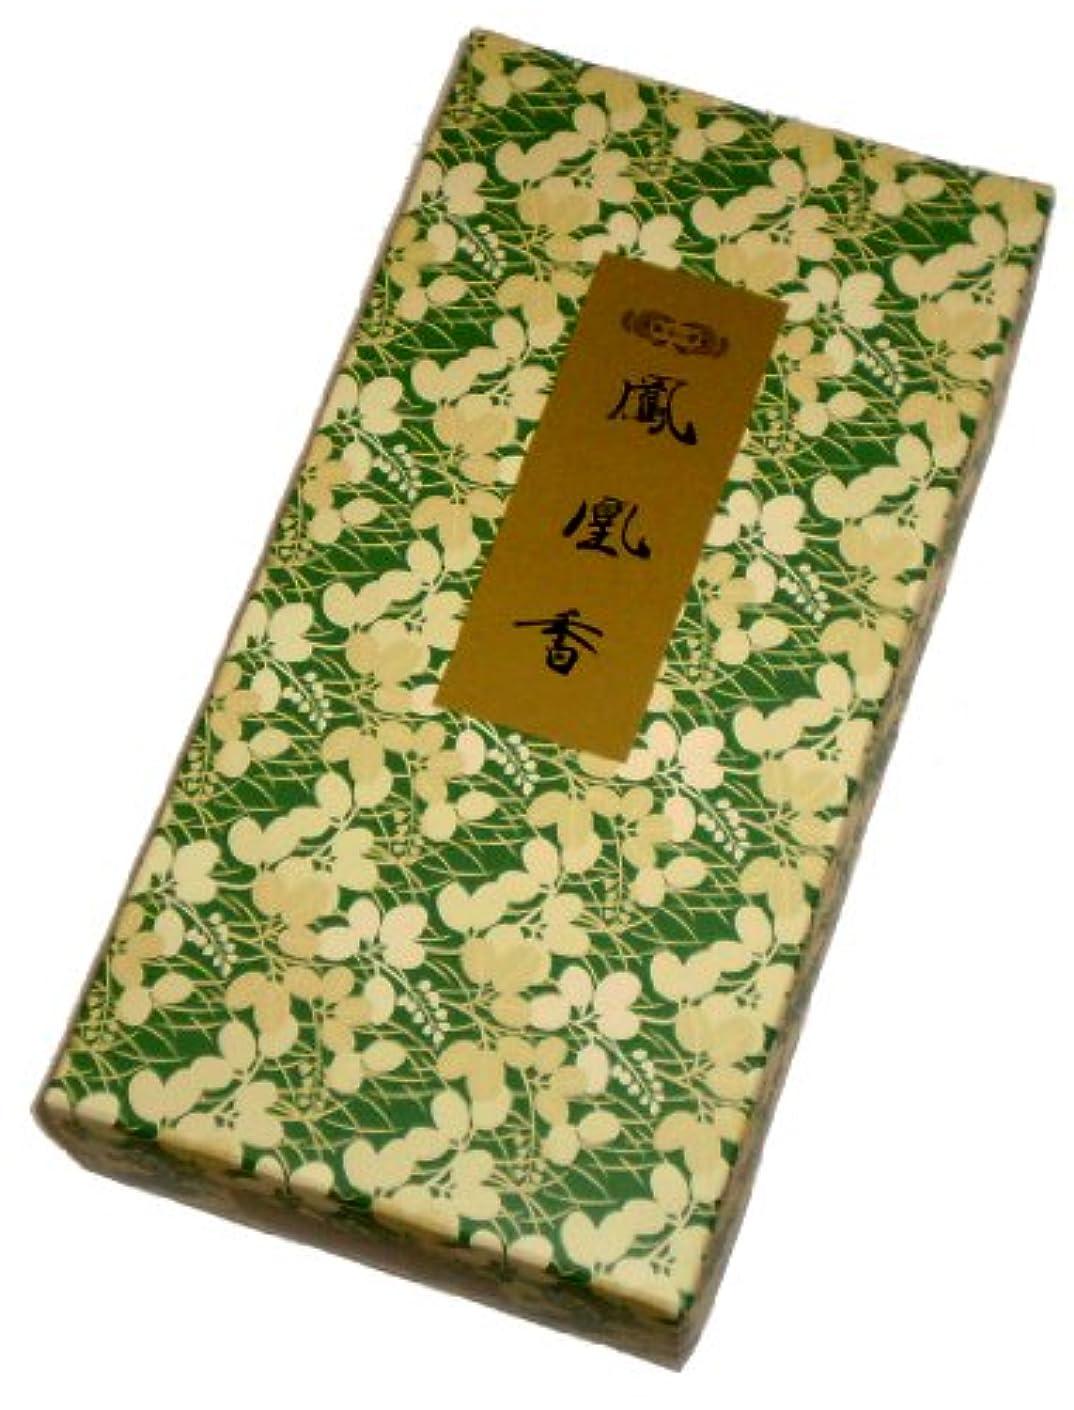 長老コミット百科事典玉初堂のお香 鳳凰香 500g #681